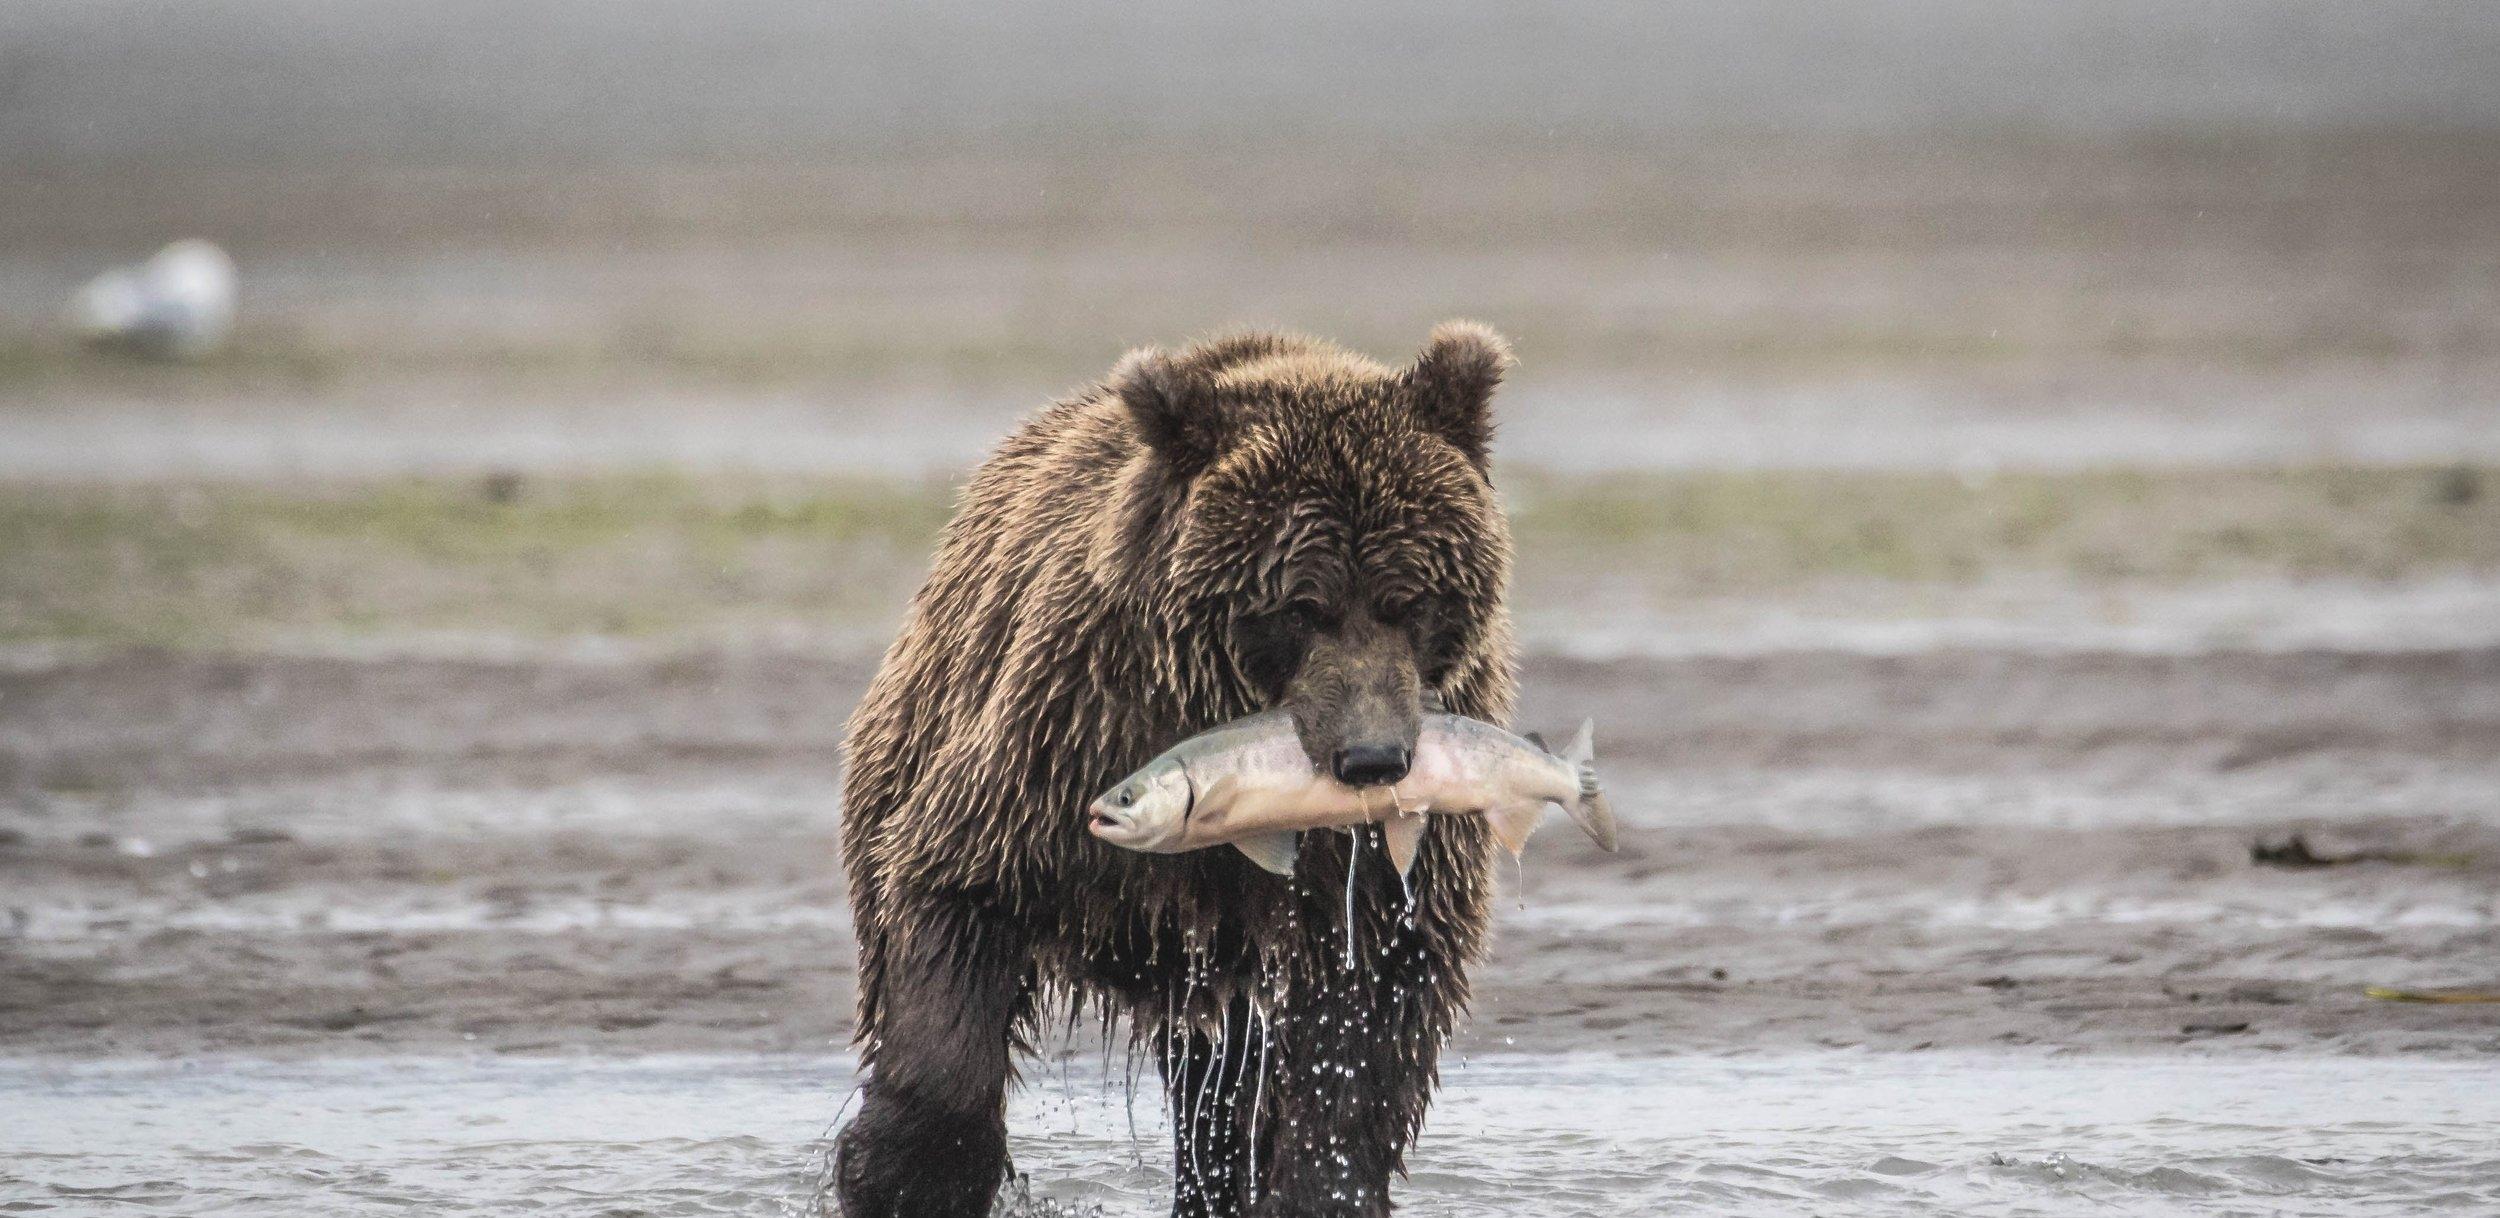 Lake Clark - Brown Bear Hunting Alaskan Salmon (6 of 8).jpg